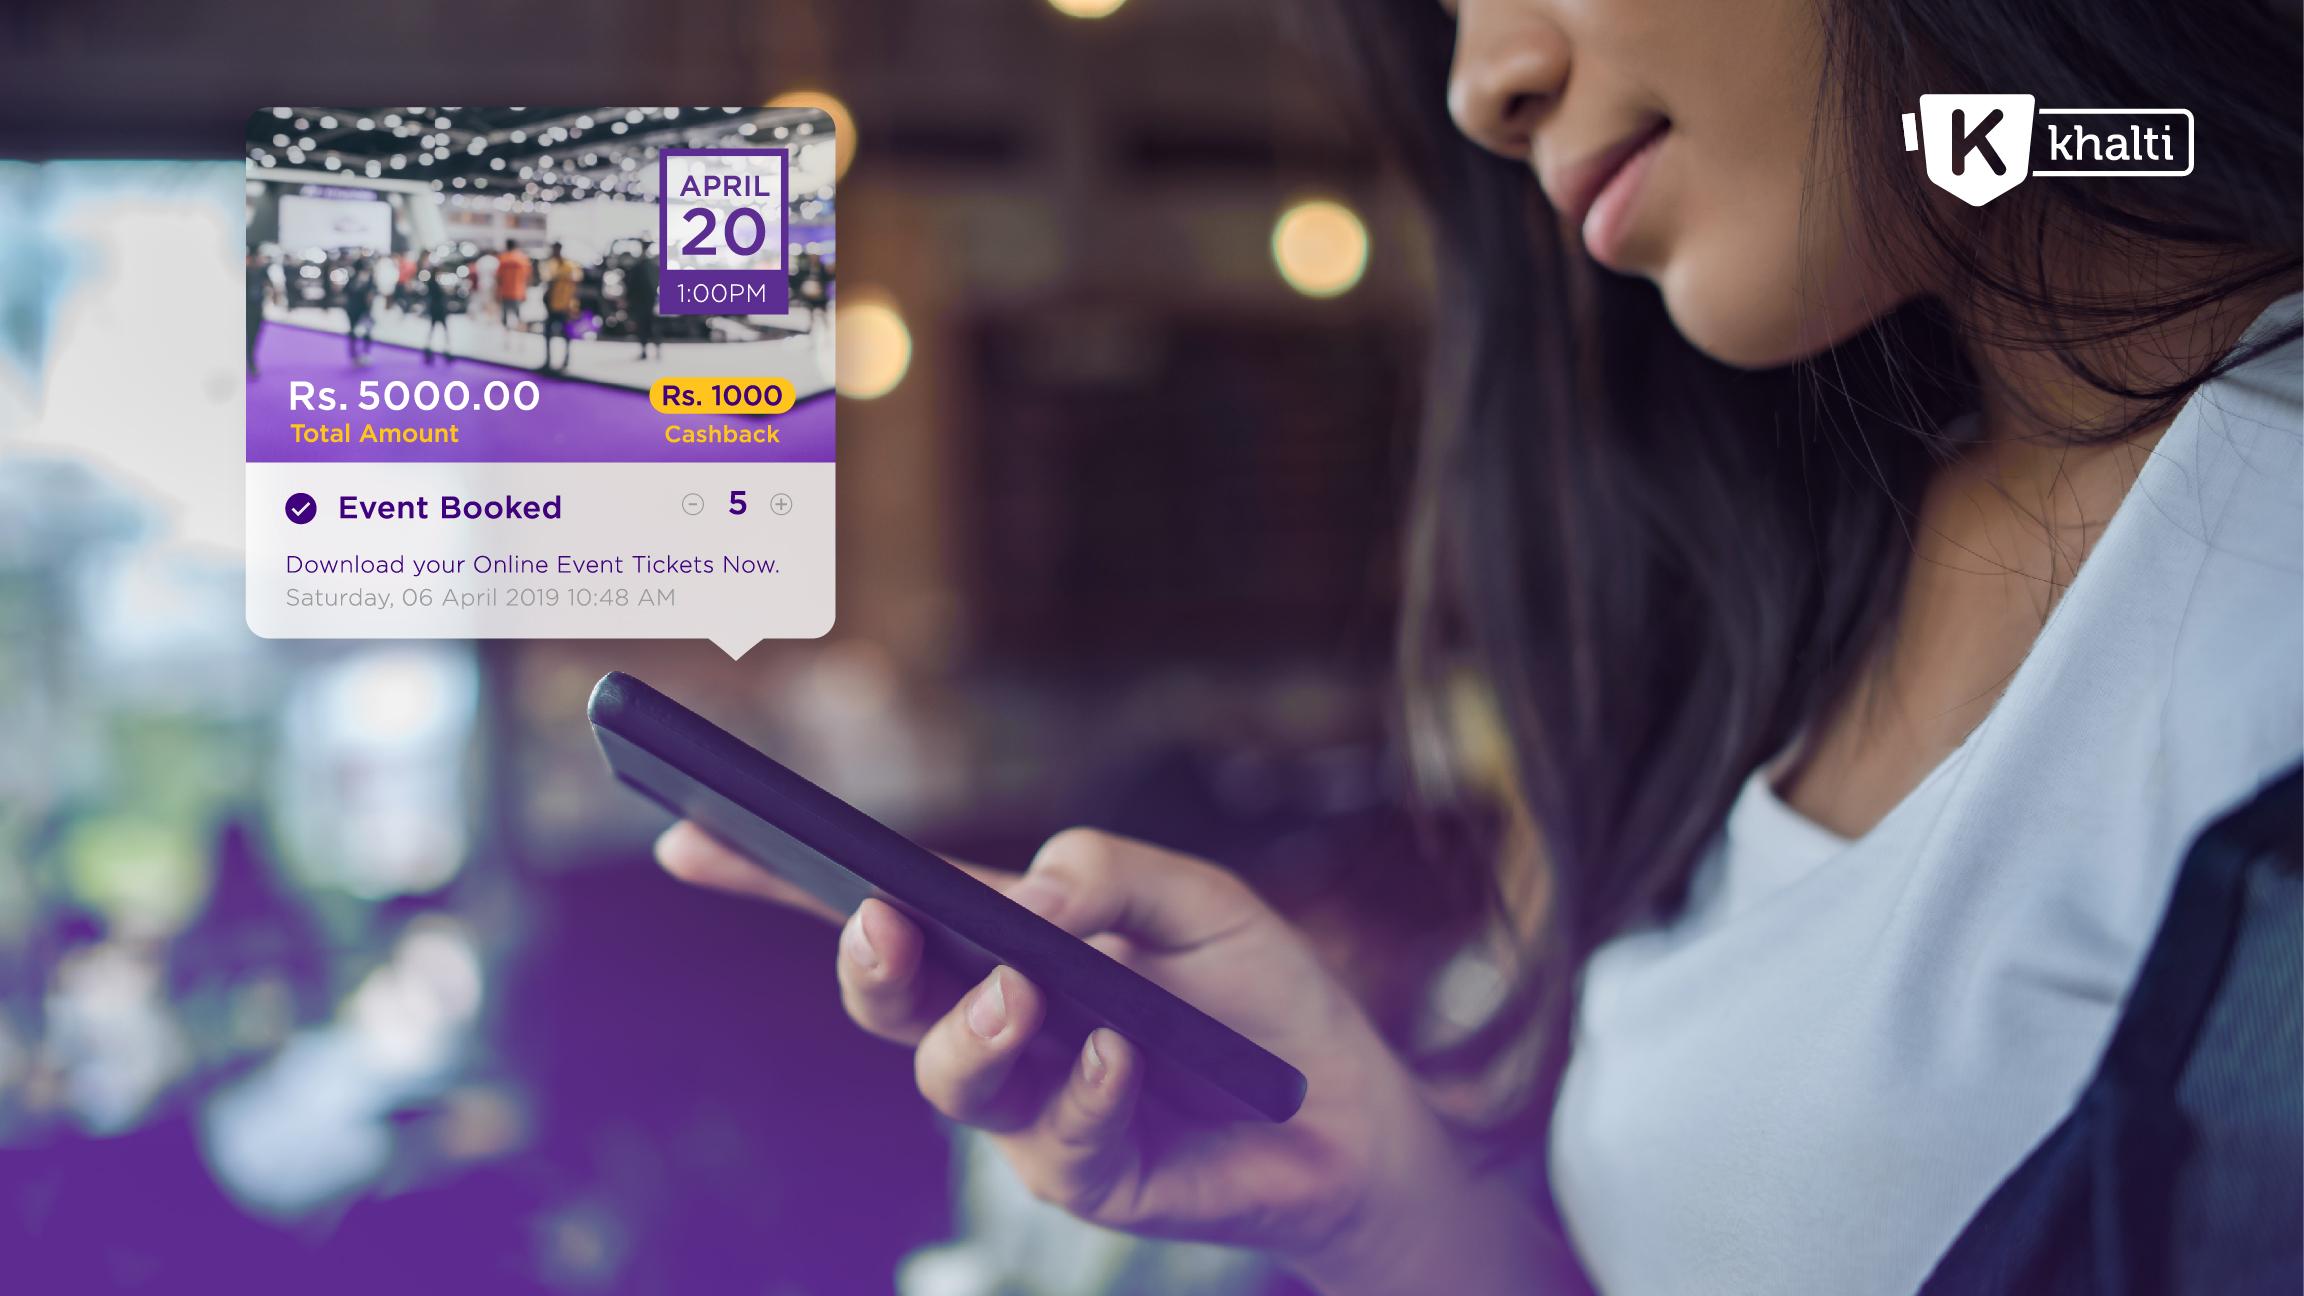 'खल्ती डिजिटल वालेट'ले शुरू गर्यो क्यु–आर कोडमा आधारित इभेन्ट्स टिकेटिङ सेवा